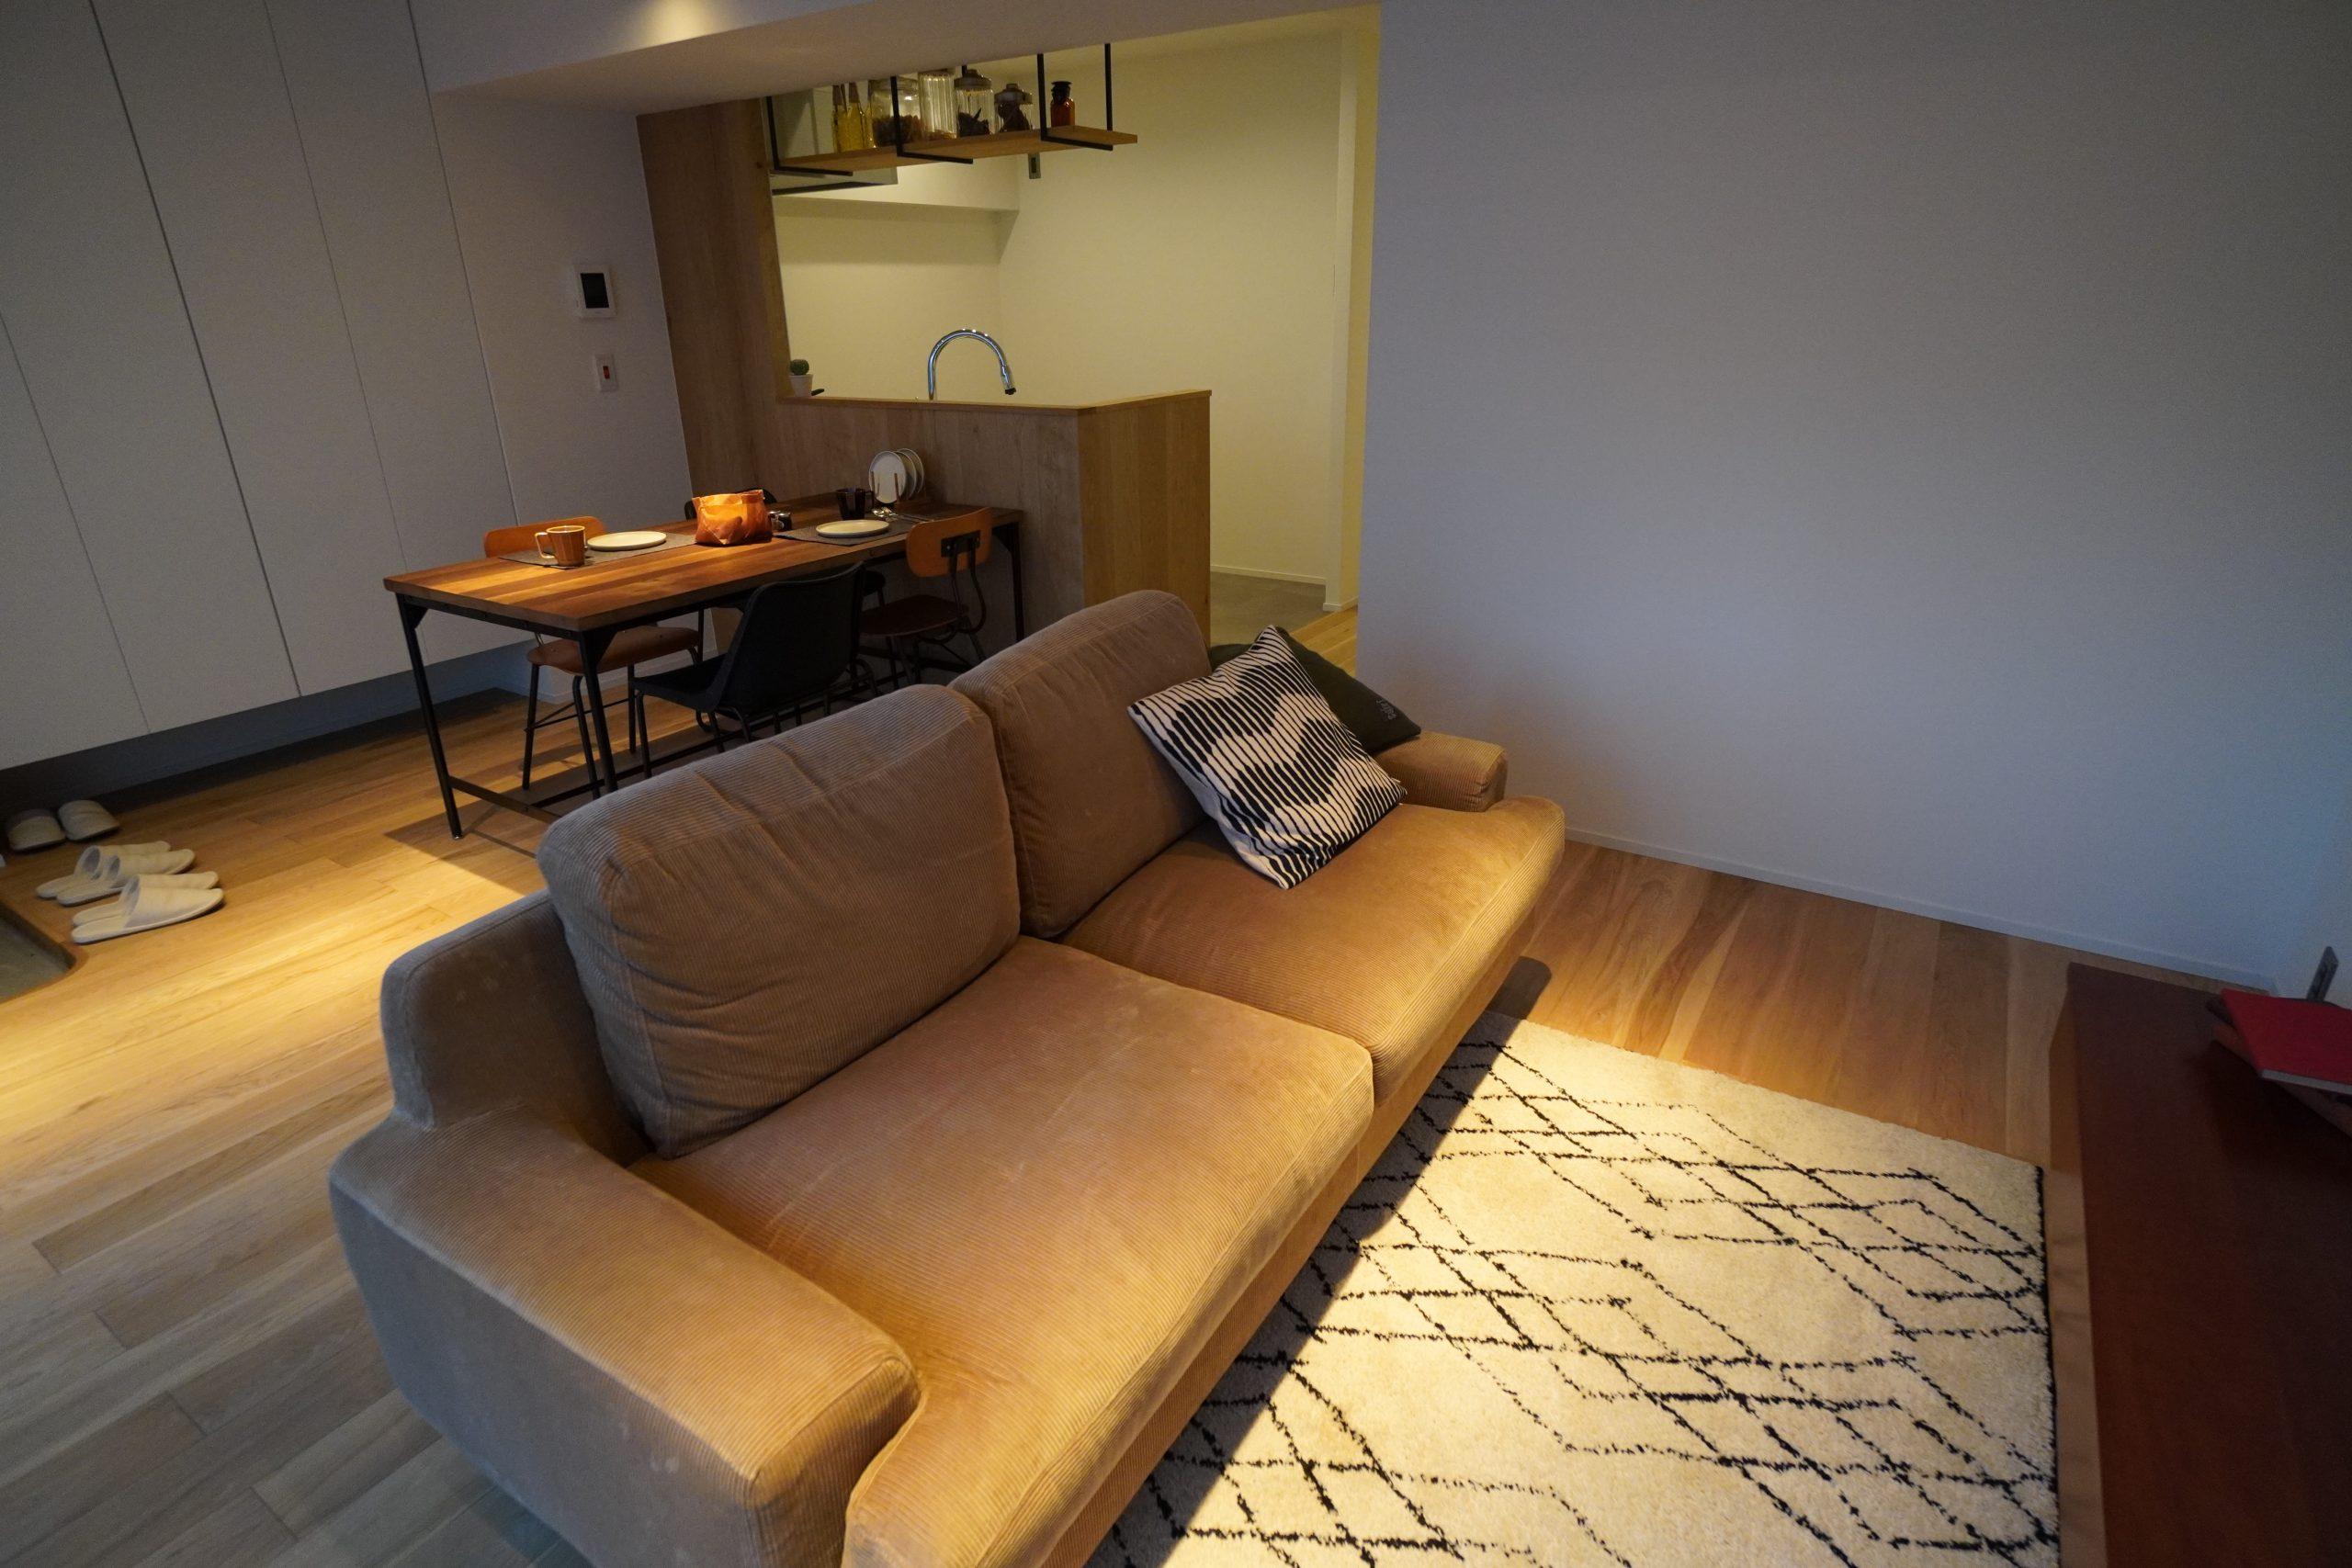 ハラダサンパークマンション恵比寿台の写真3